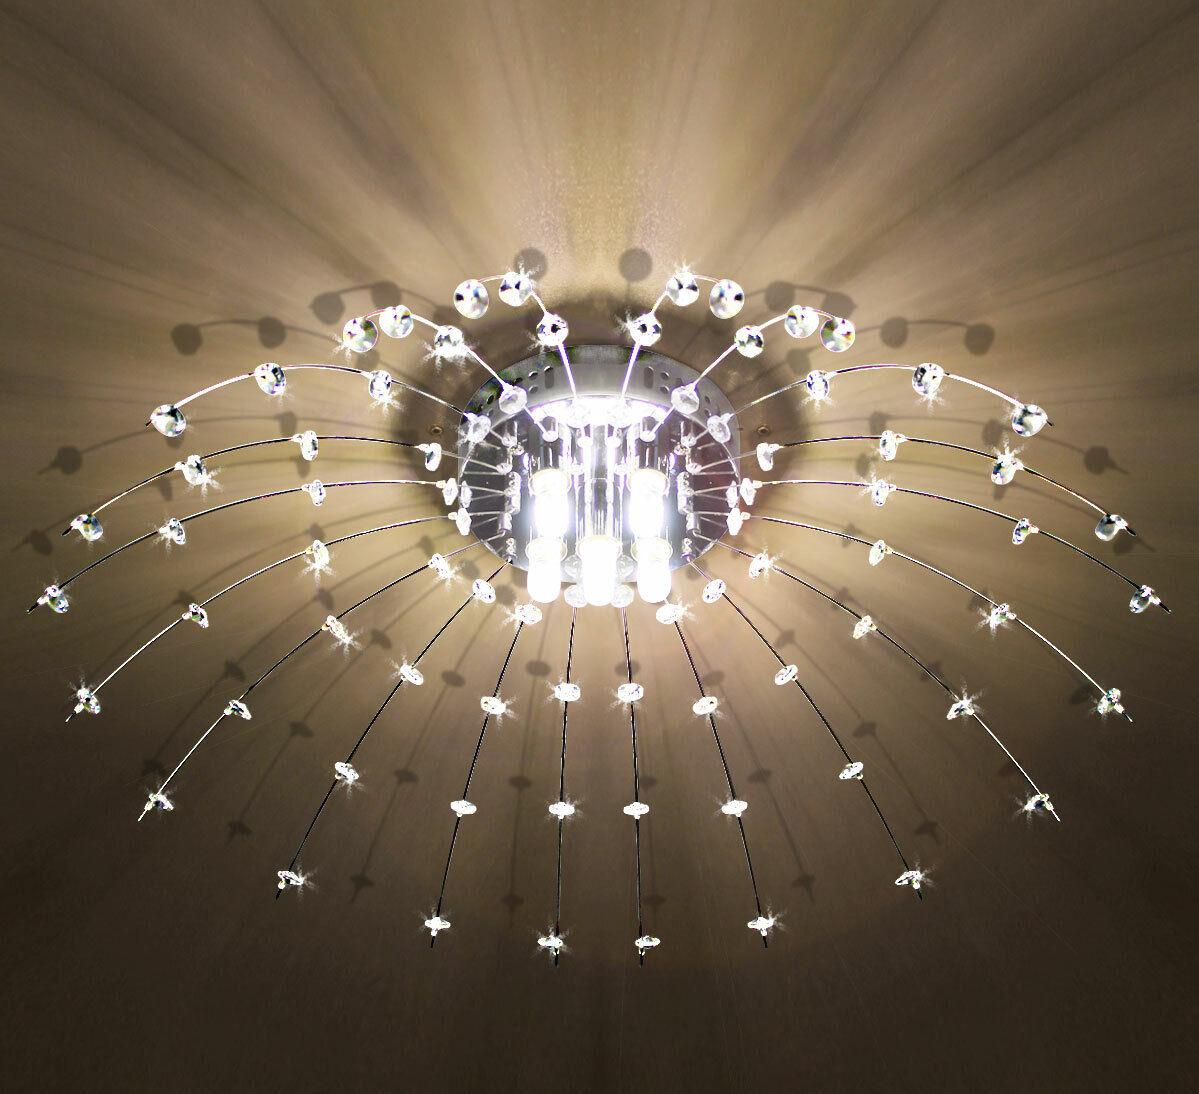 E14 Deckenleuchte Moderne Kristall Deckenlampe H/öhenverstellbare Wohnzimmerlampe Wohnkultur Schlafzimmer H/ängelampe Kreatives Design Schmiedeeisen Pendelleuchte Beleuchtung Restaurant Kronleuchter